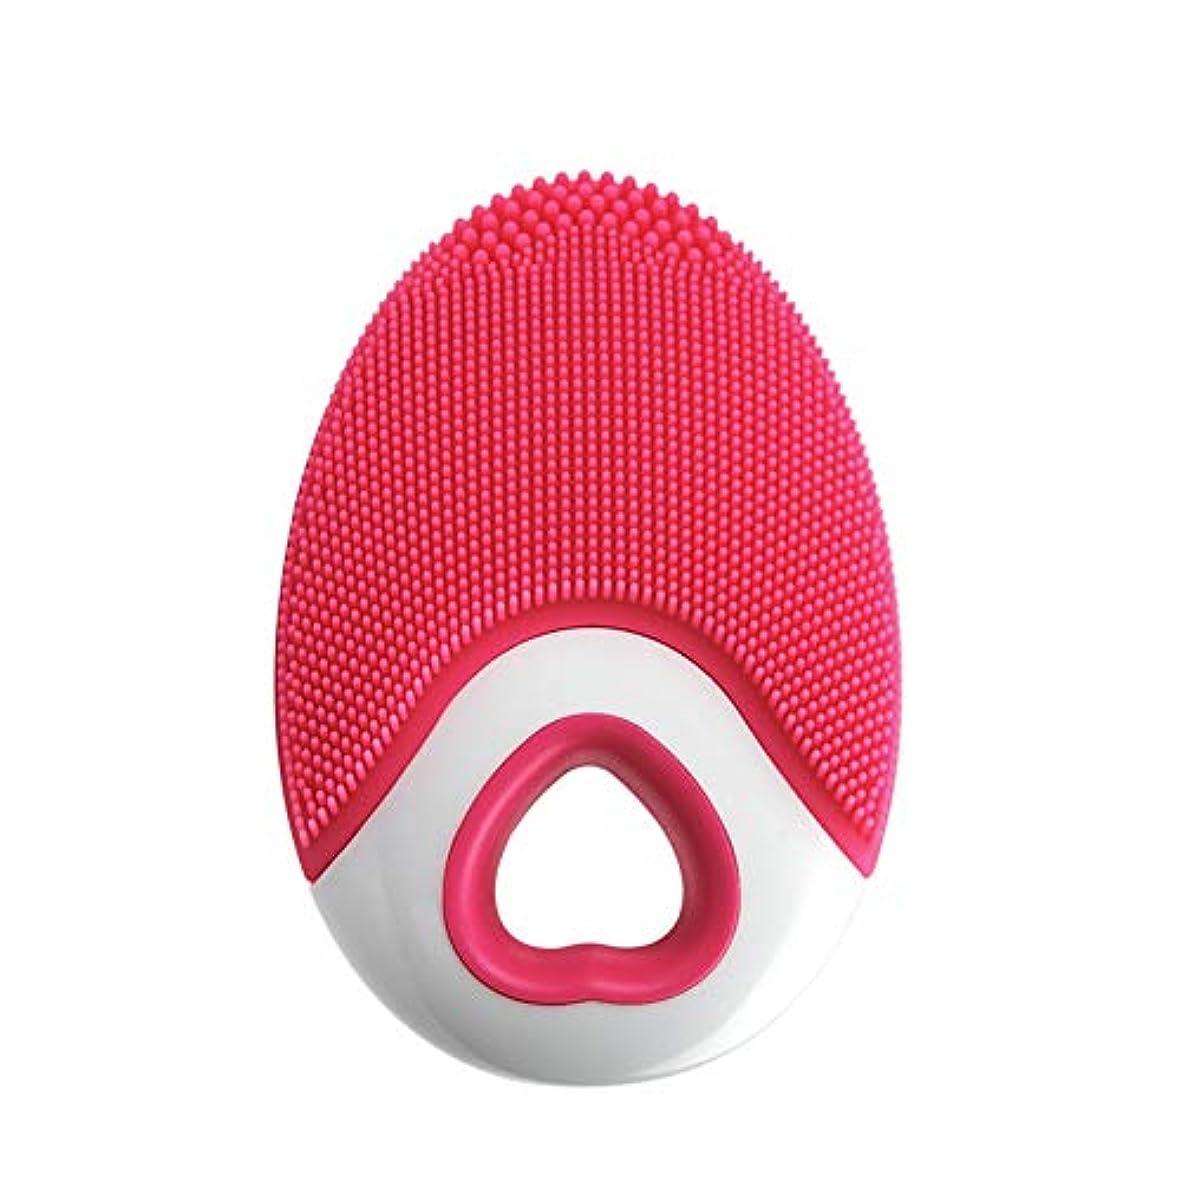 間に合わせスコットランド人冷蔵するAylincool   1ピースシリコンフェイスクレンザーブラシ超音波ディープクリーニング防水ワイヤレス充電